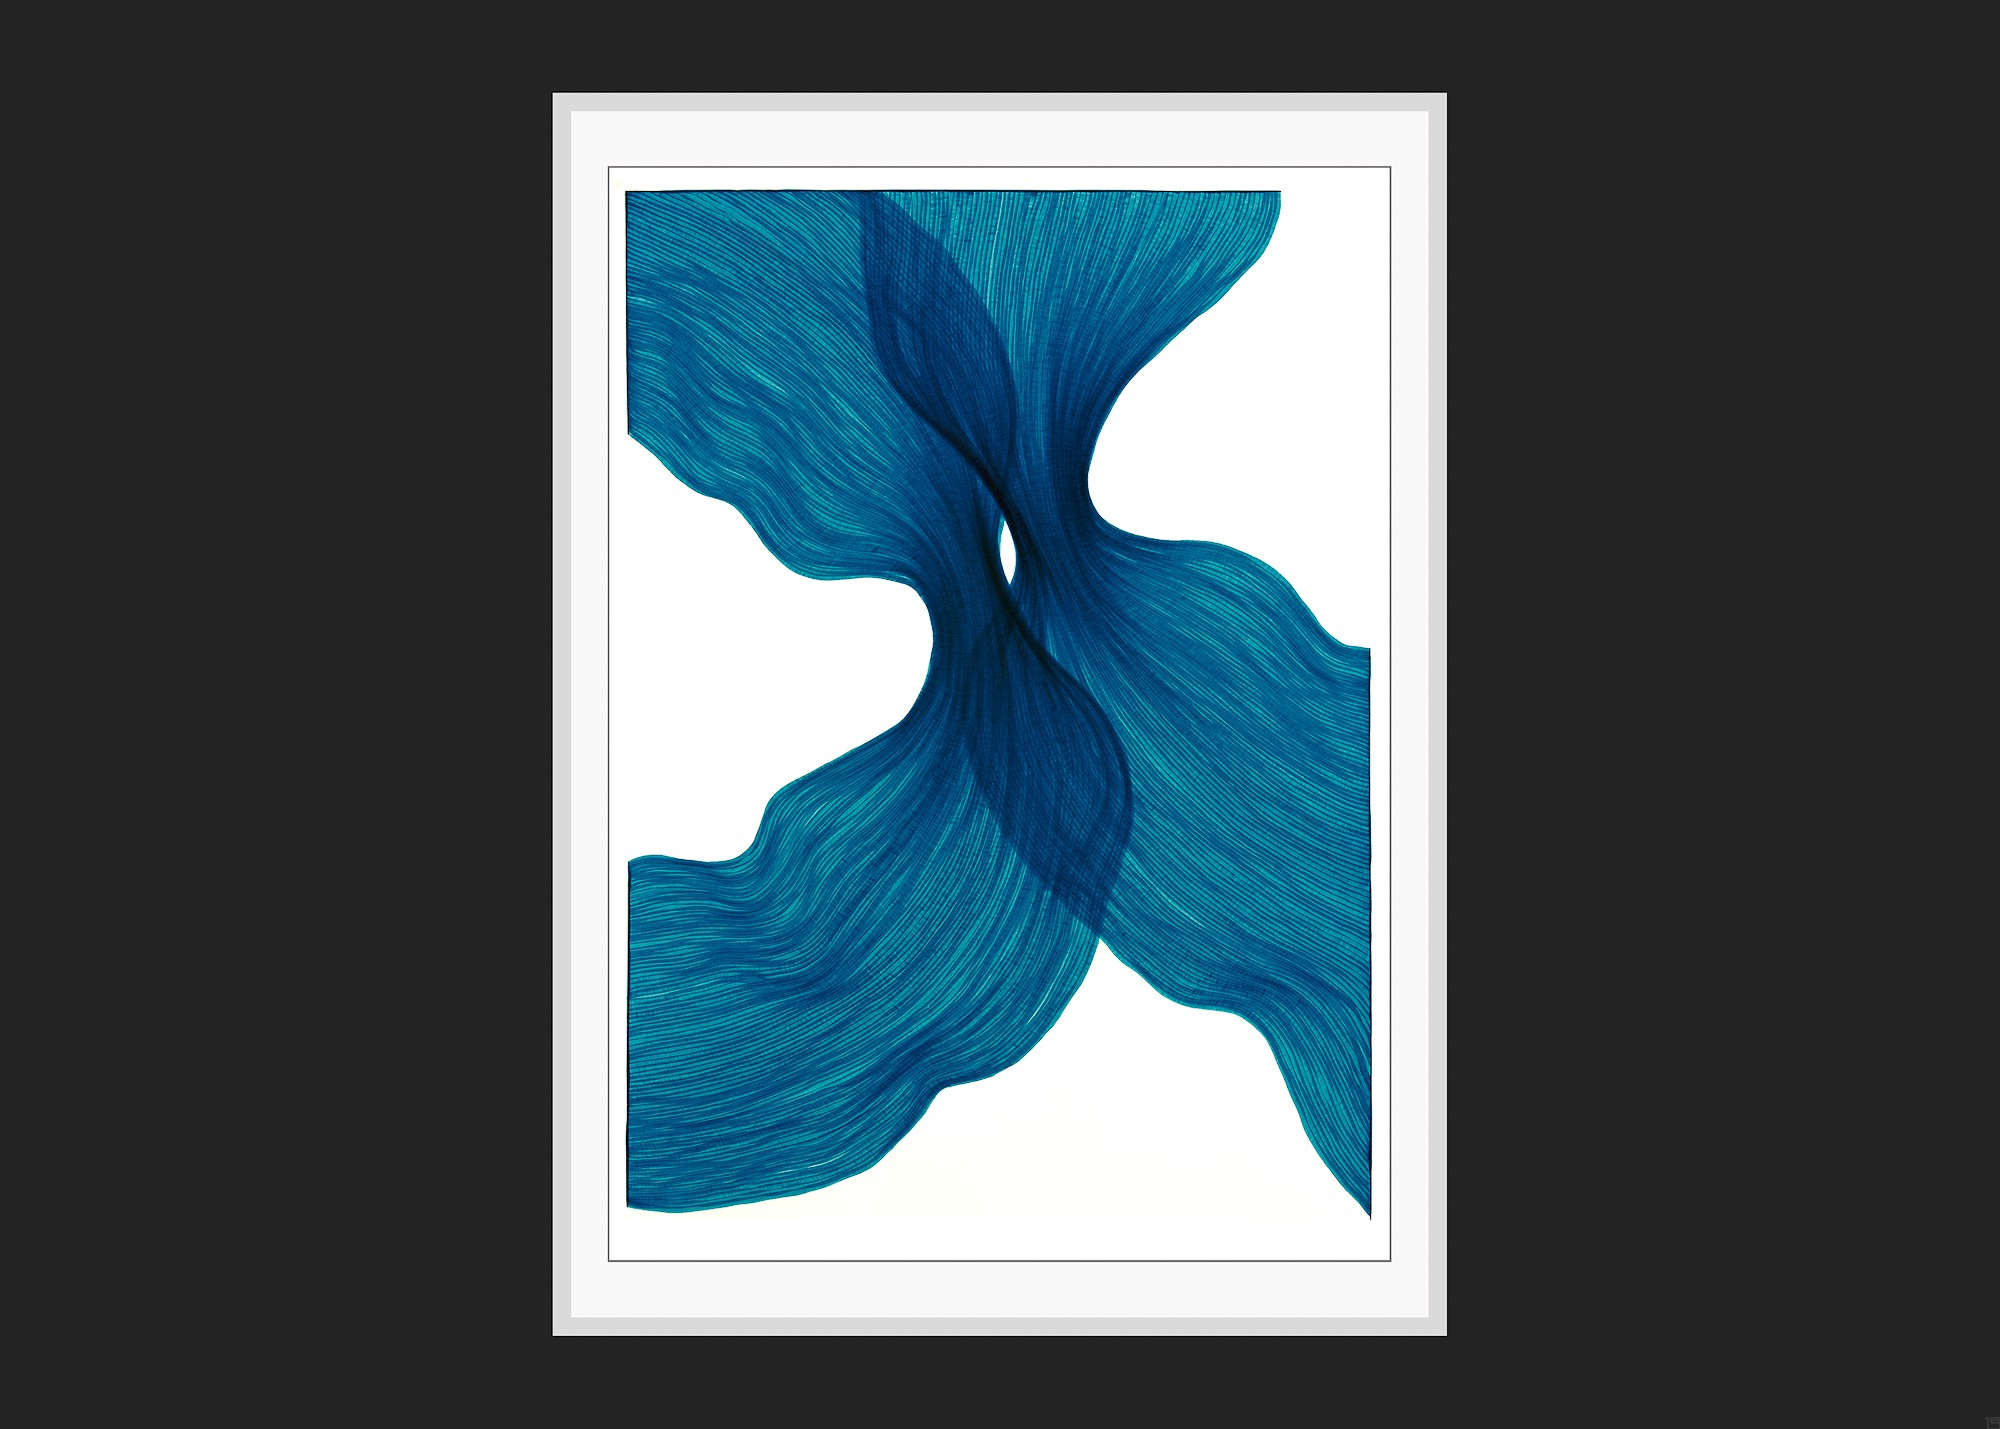 Sea Blue Sheer Folds | Lali Torma | Zeichnung | Kalligraphietusche auf Papier - 3